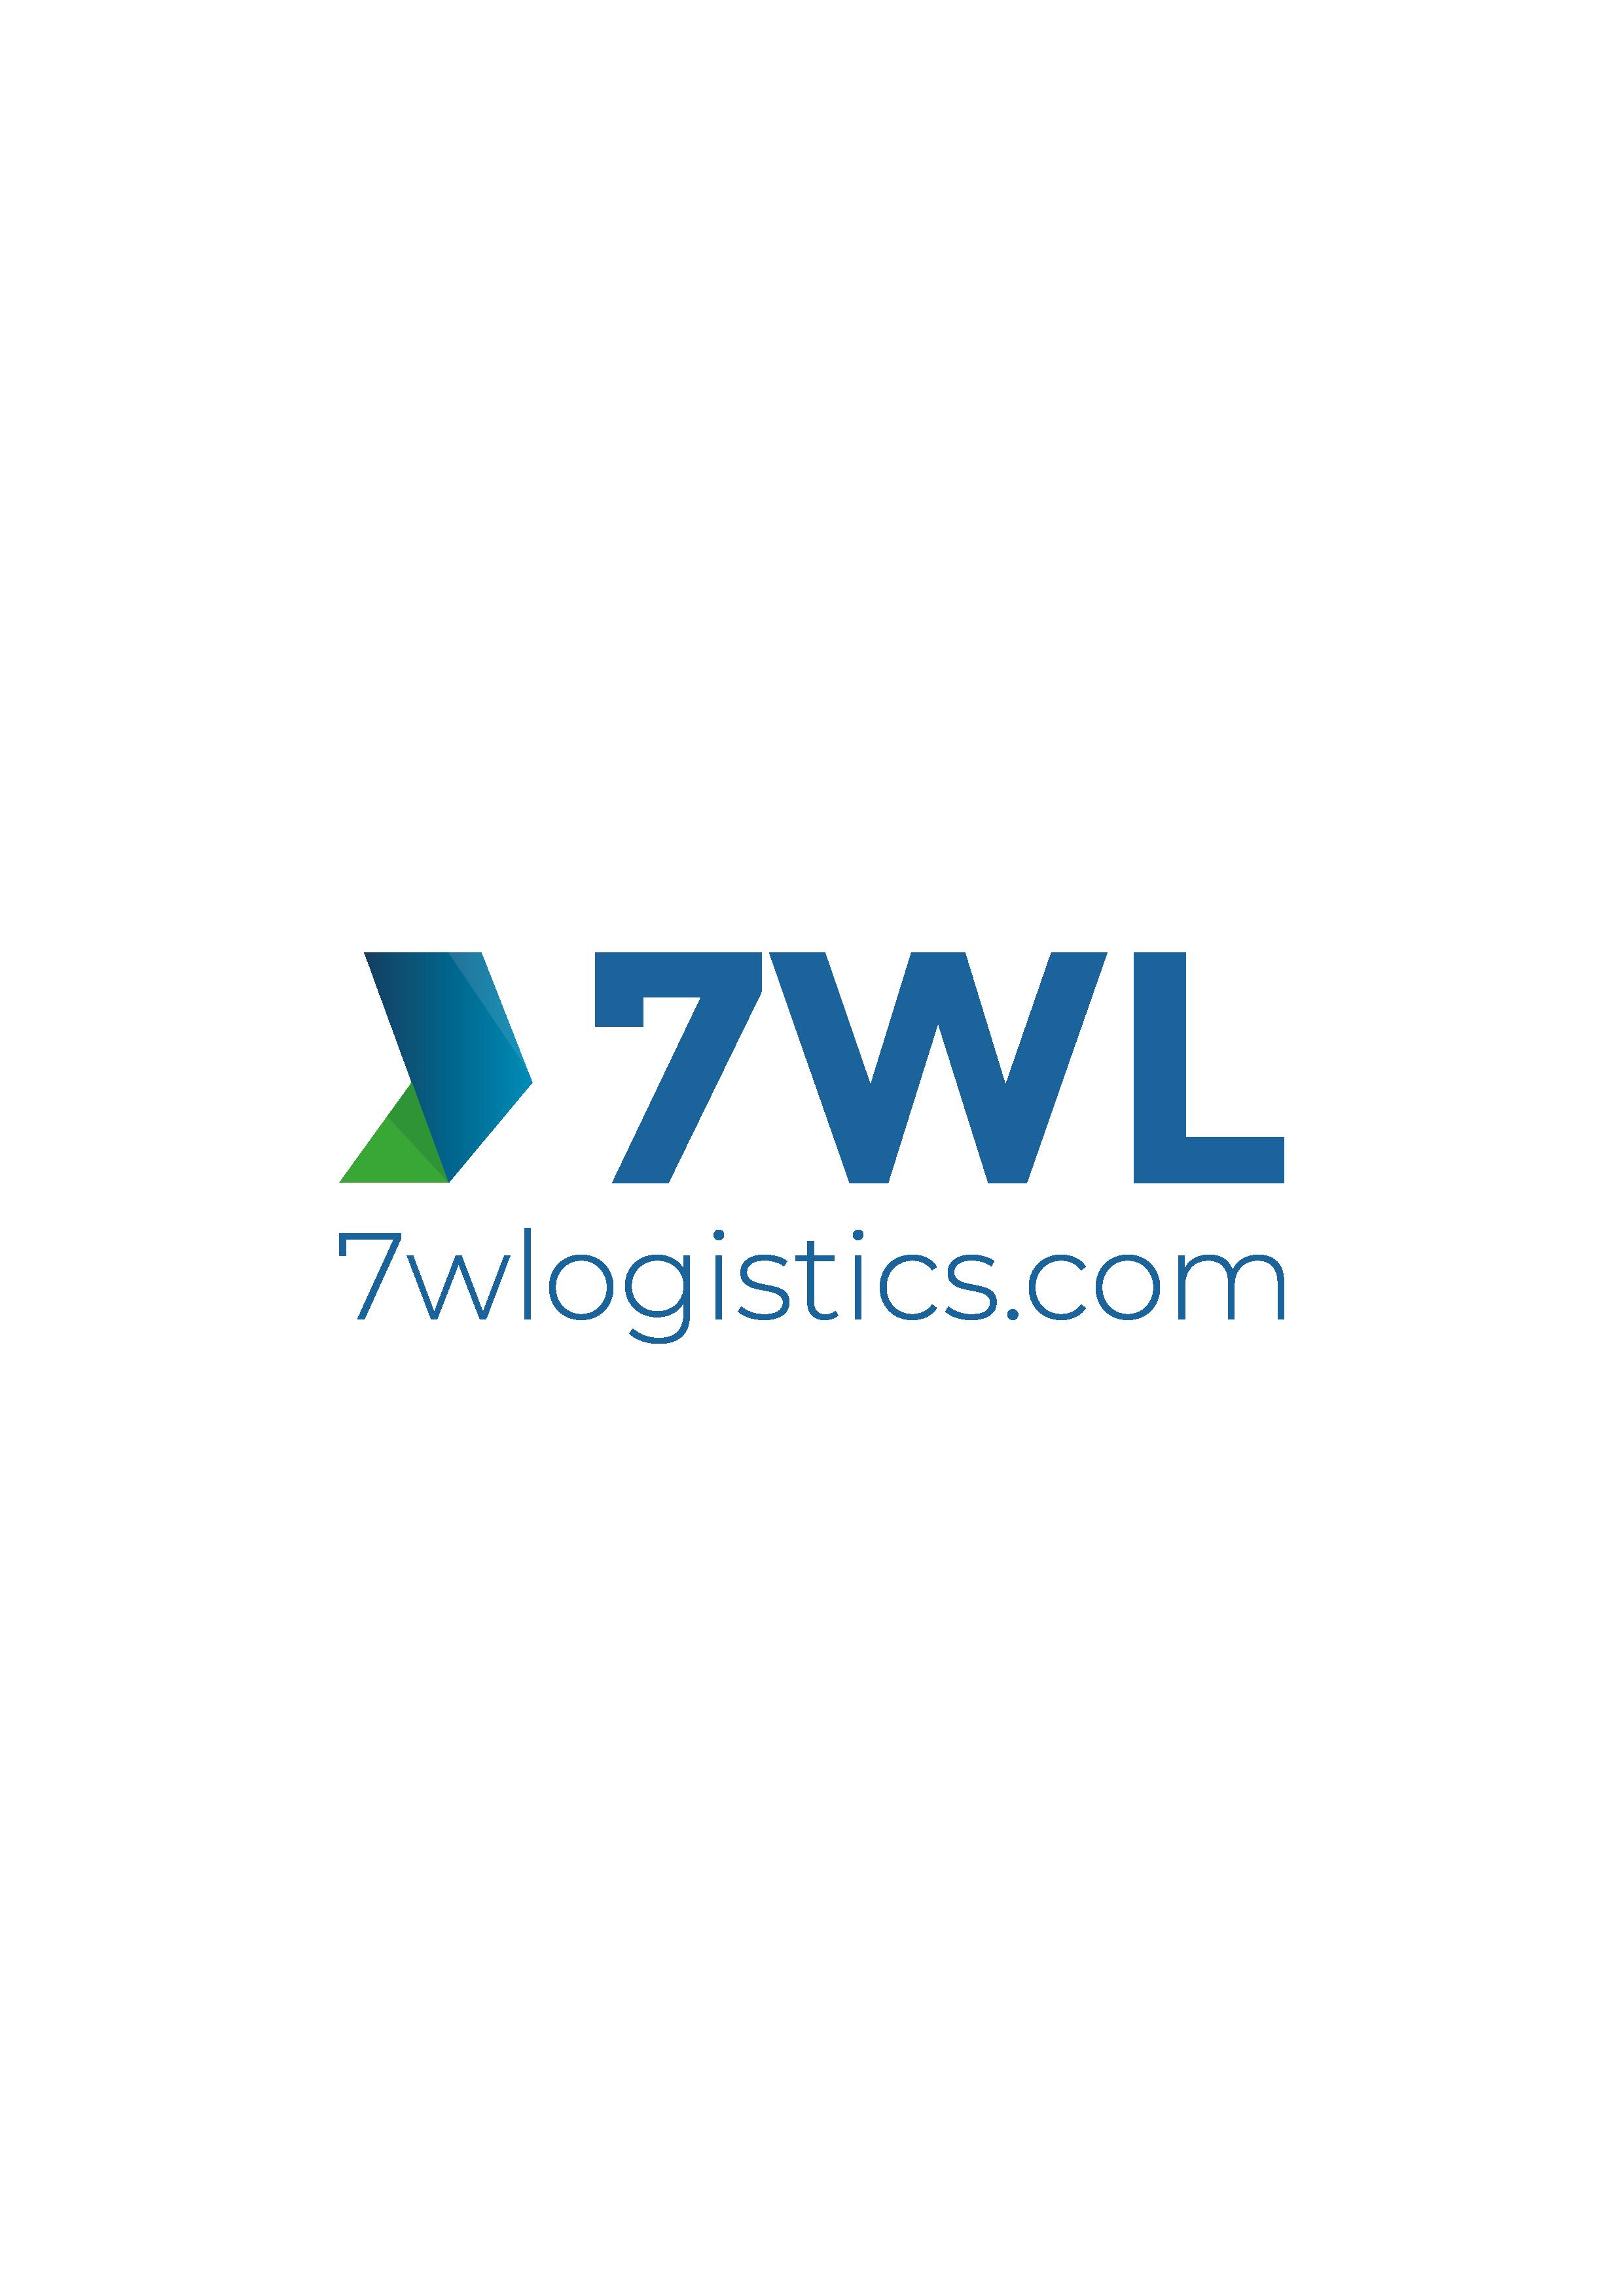 7 Worldwide Logistics (7WL) takes next steps for digitalization